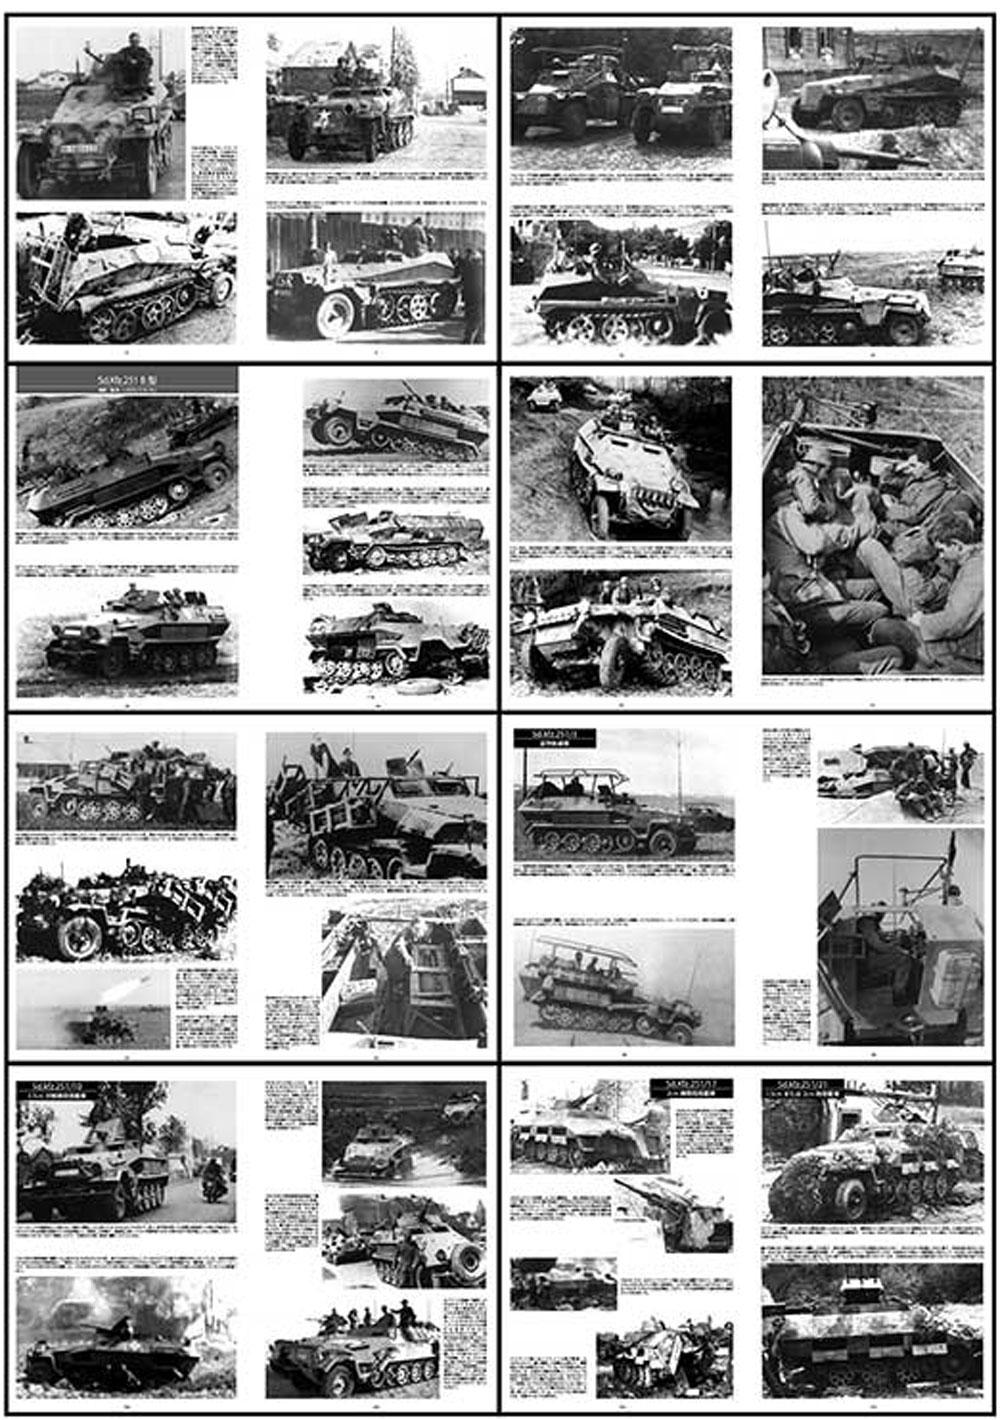 ドイツ 装甲兵員輸送車 Vol.3 (Sd.Kfz.250/251 写真集)別冊(ガリレオ出版グランドパワー別冊No.L-10/18)商品画像_1